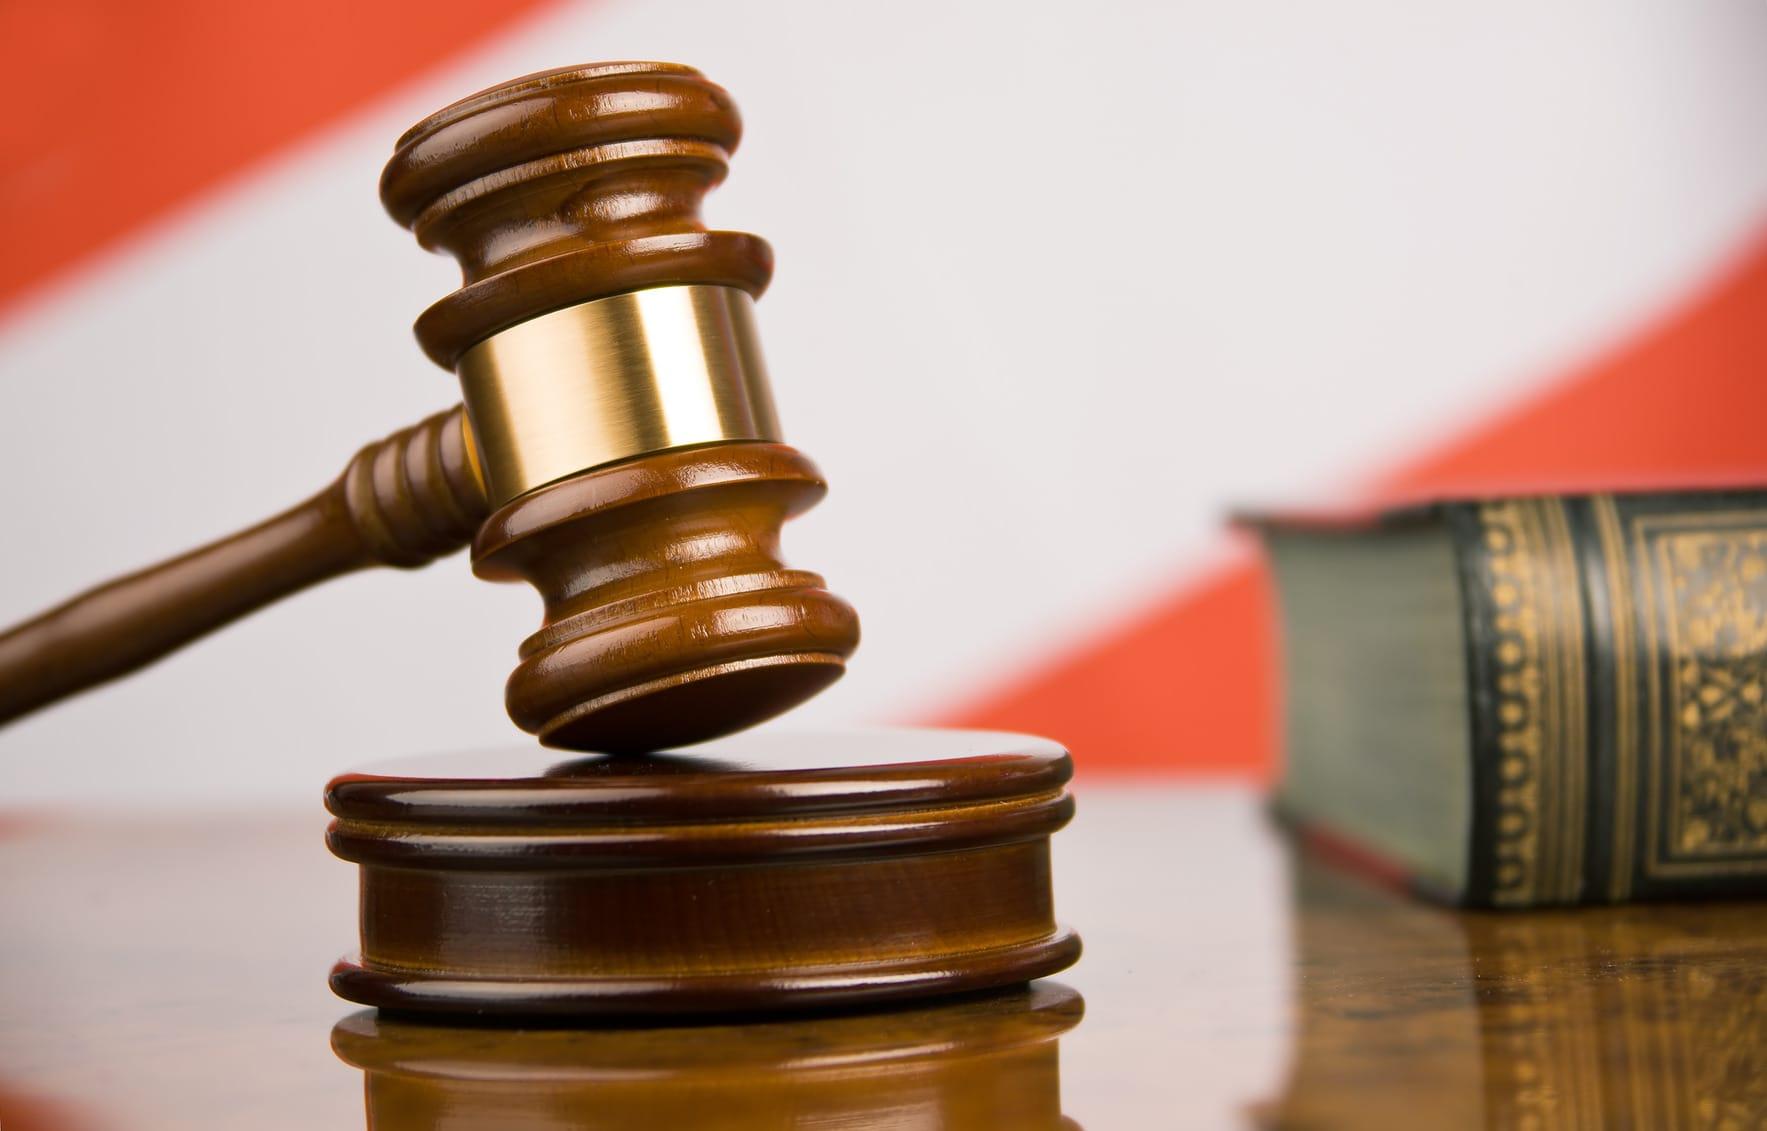 ВПриморье осуждены 13 бывших чиновников замахинации сгосимуществом